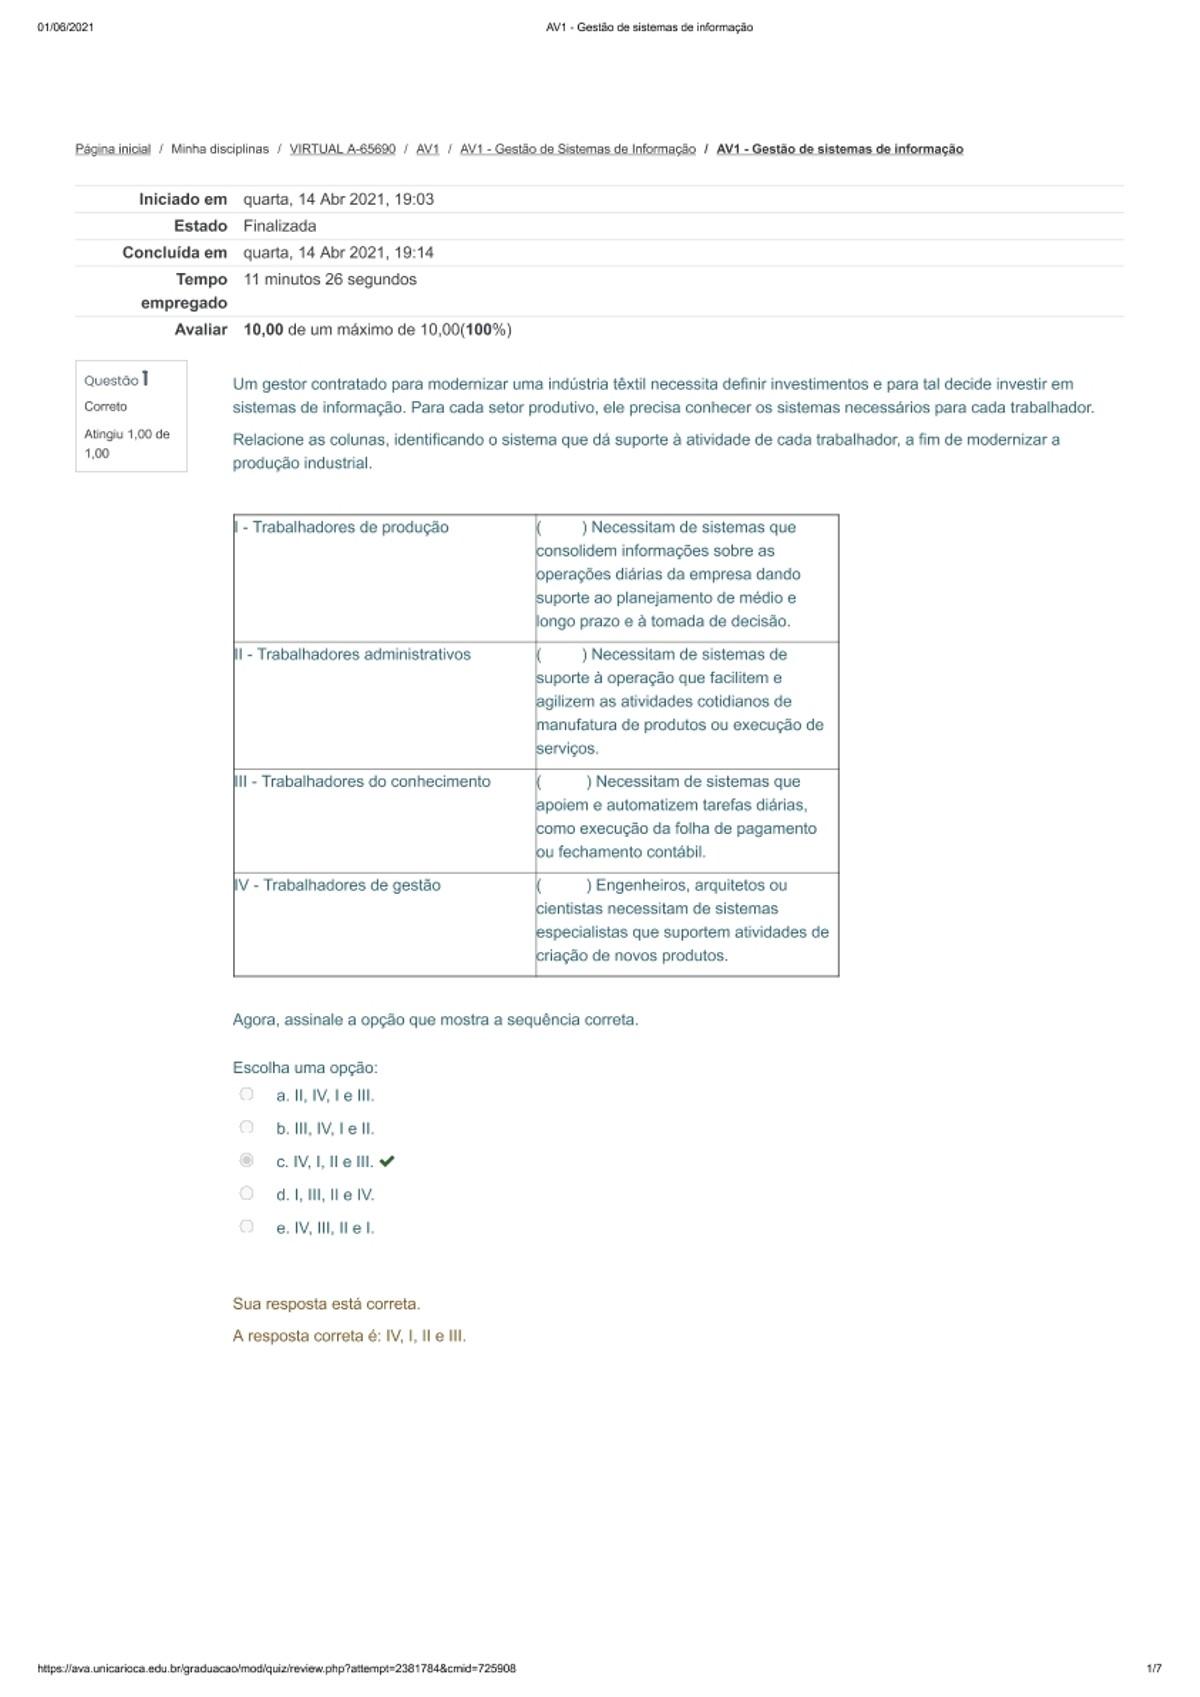 Pre-visualização do material AV1 - Gestão de sistemas de informação - página 1